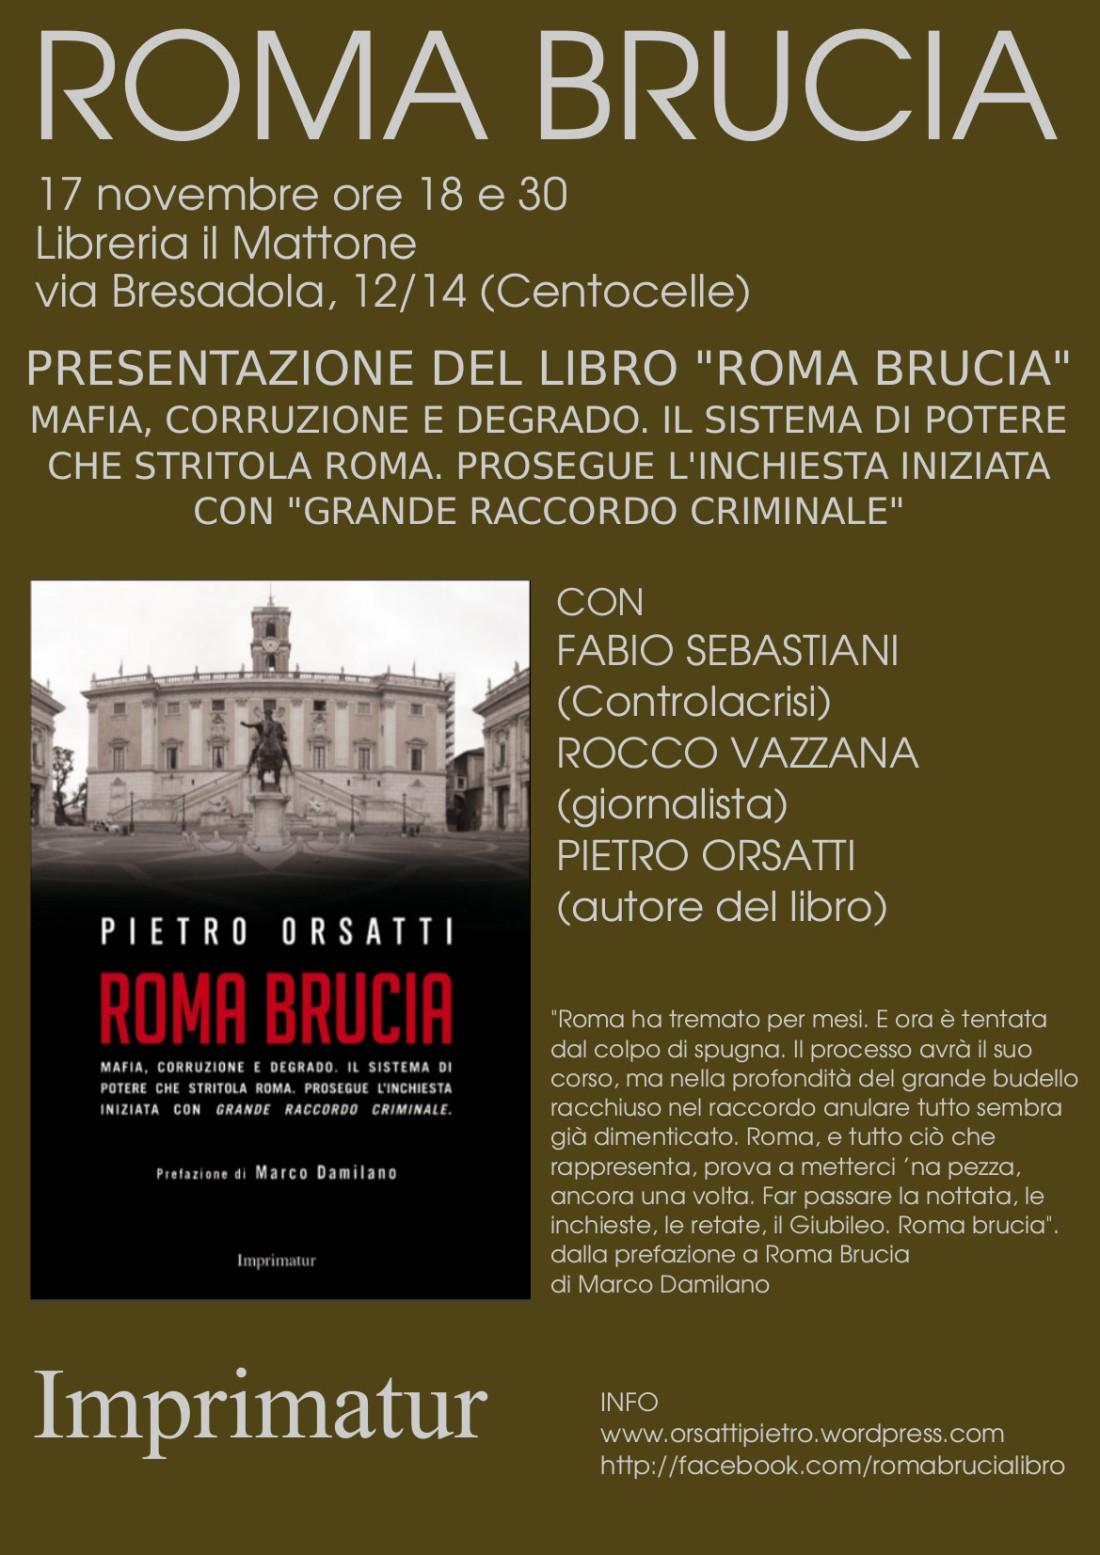 roma brucia 17 novembrebuona